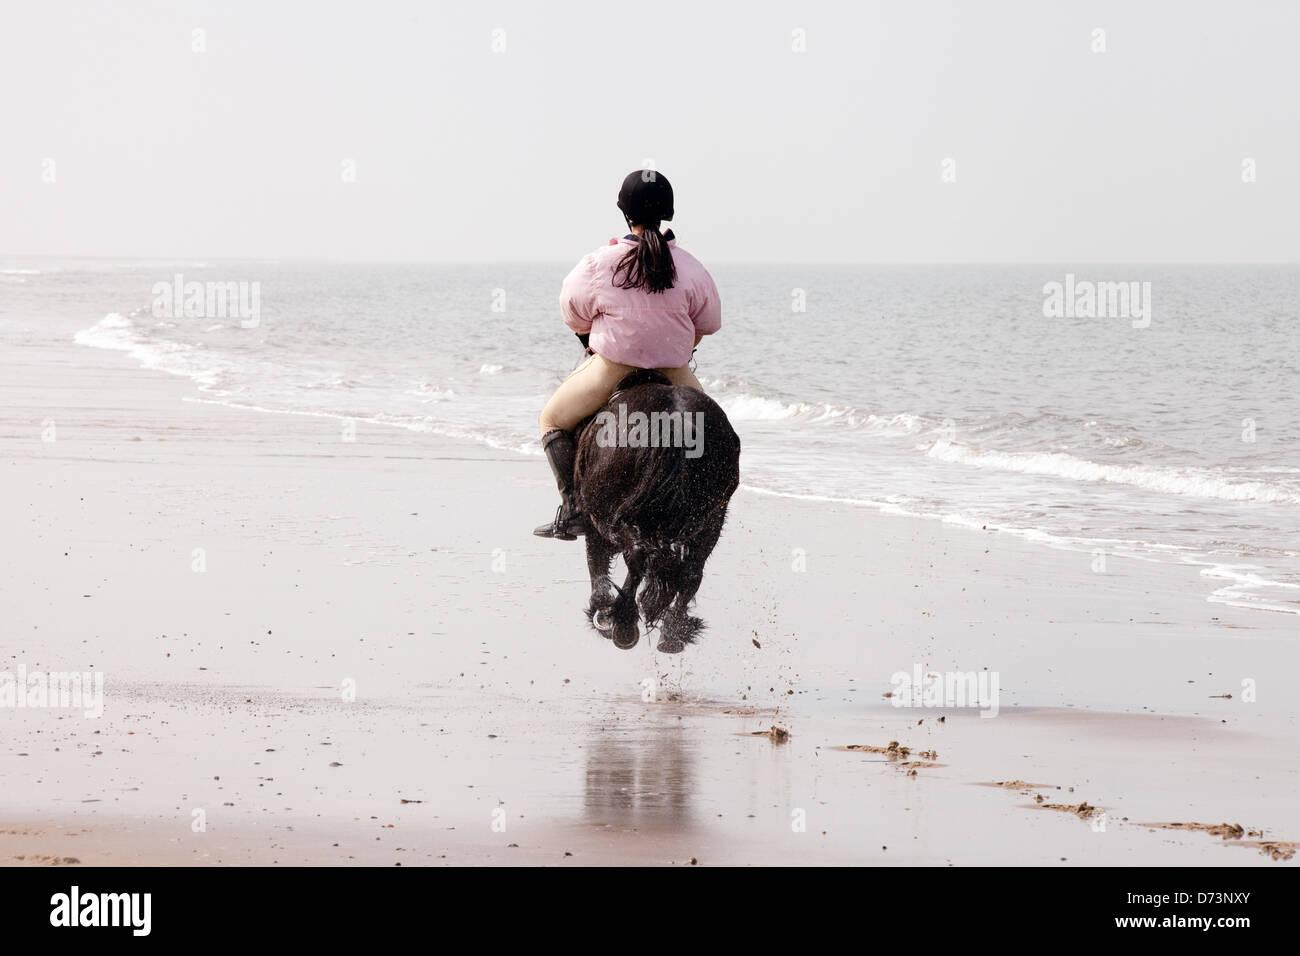 Una joven mujer en su caballo al galope lejos en la distancia, Holkham Beach, Norfolk UK Imagen De Stock